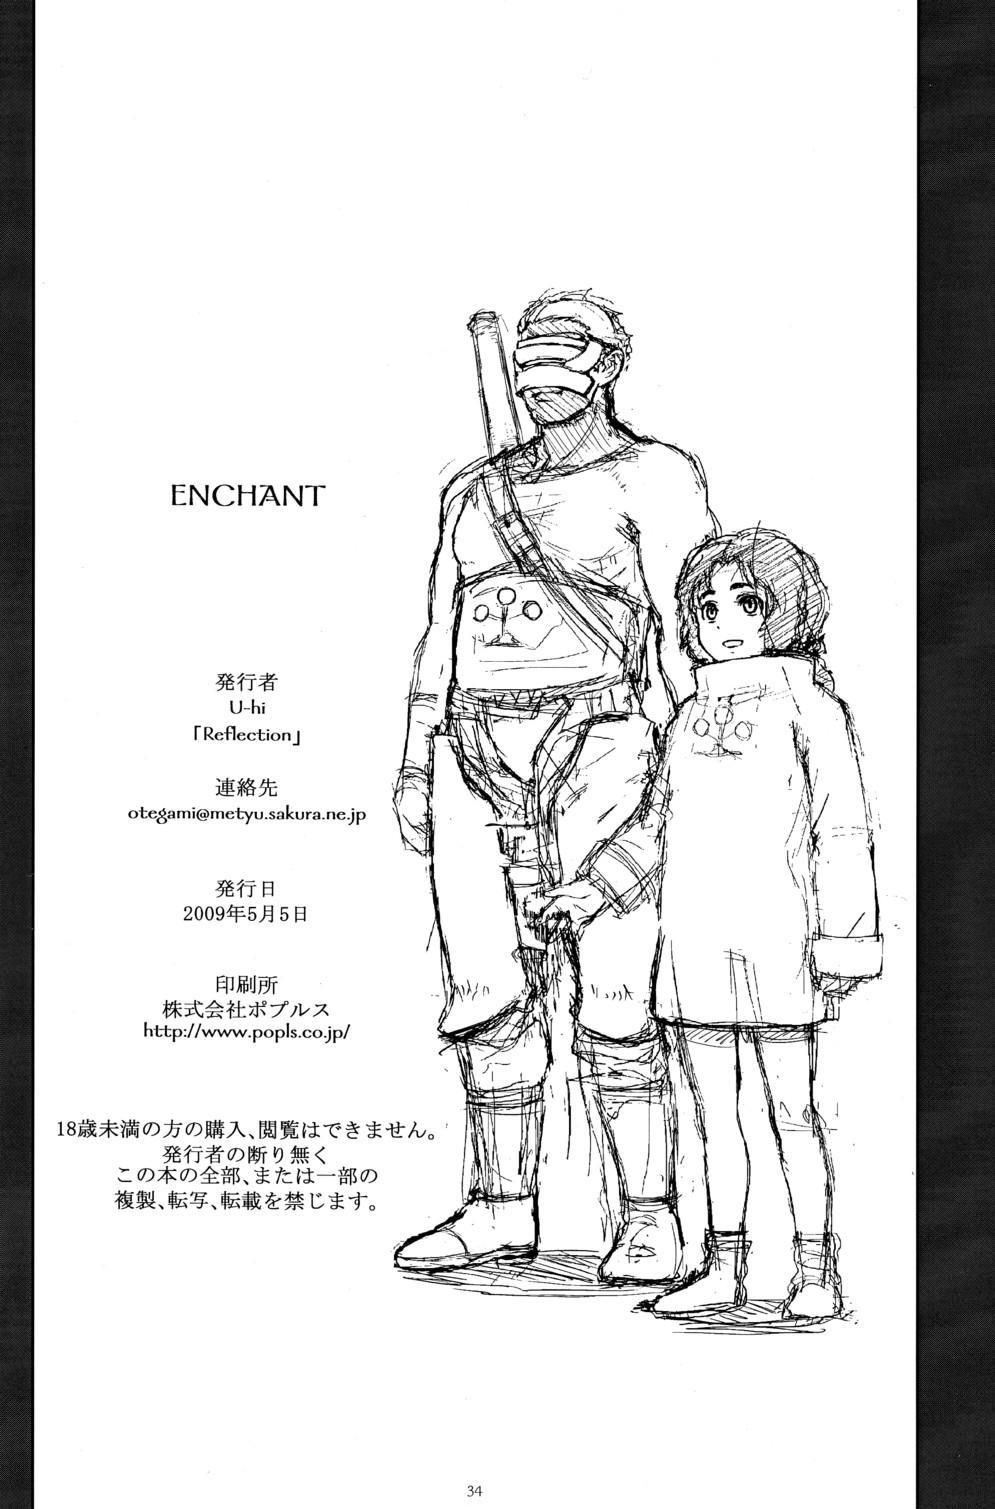 Enchant 34